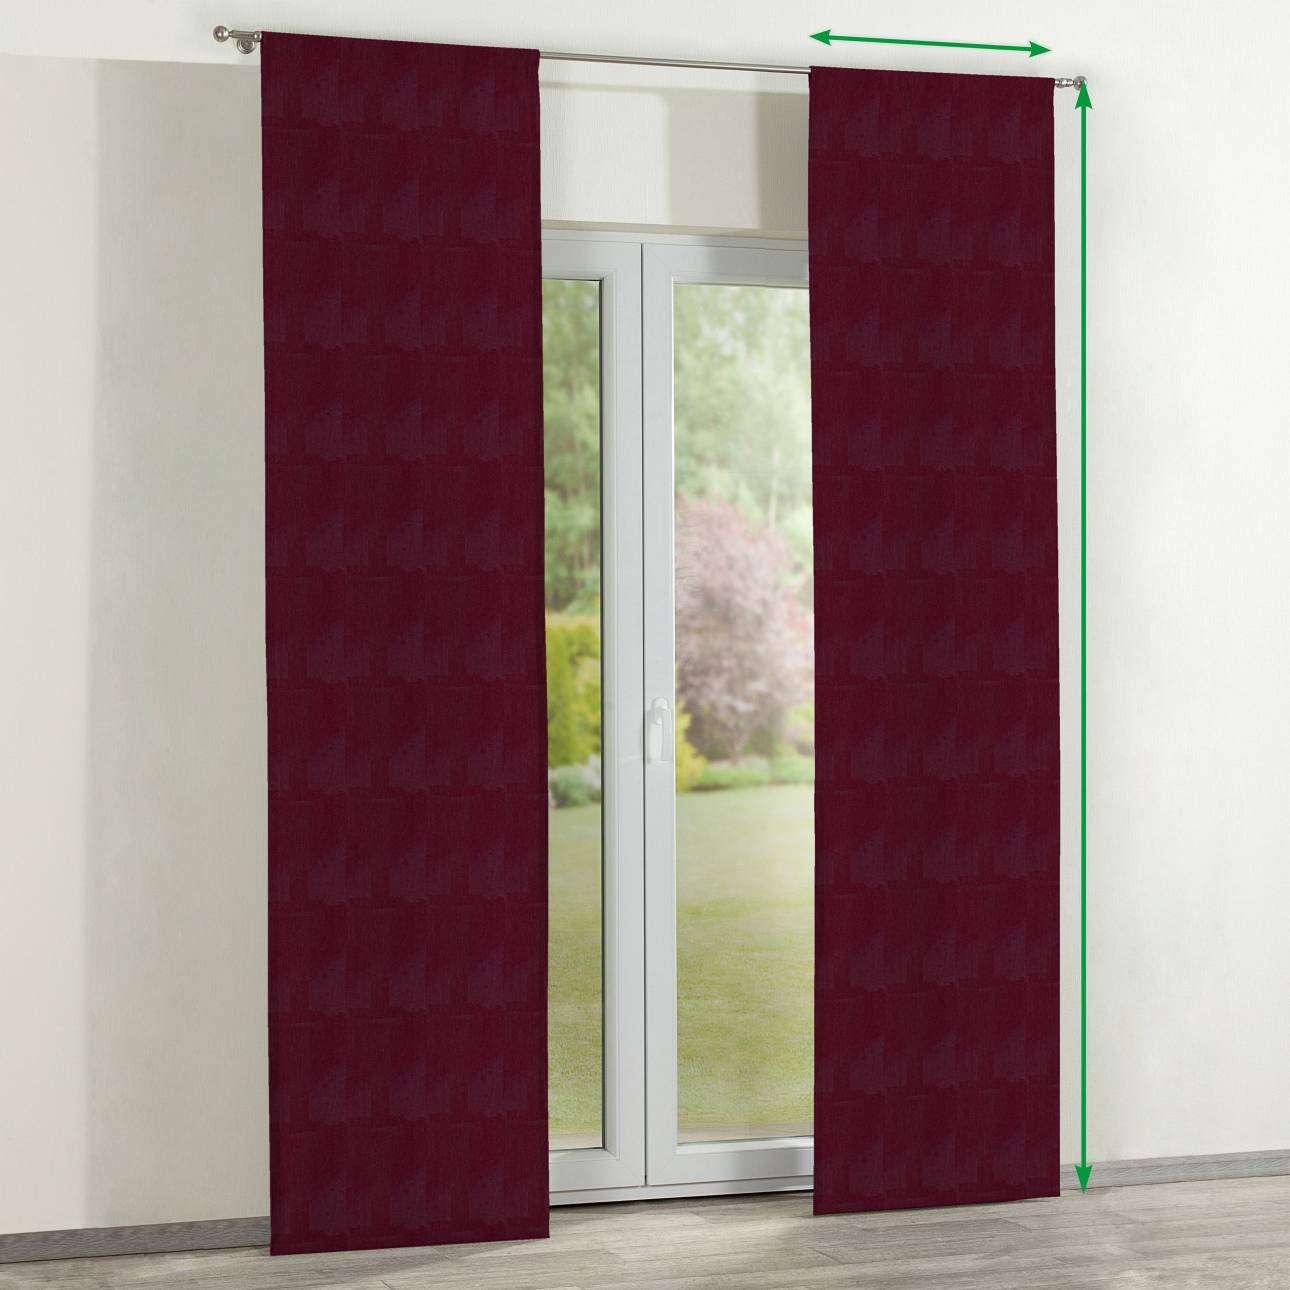 Zasłony panelowe 2 szt. w kolekcji Chenille, tkanina: 702-19